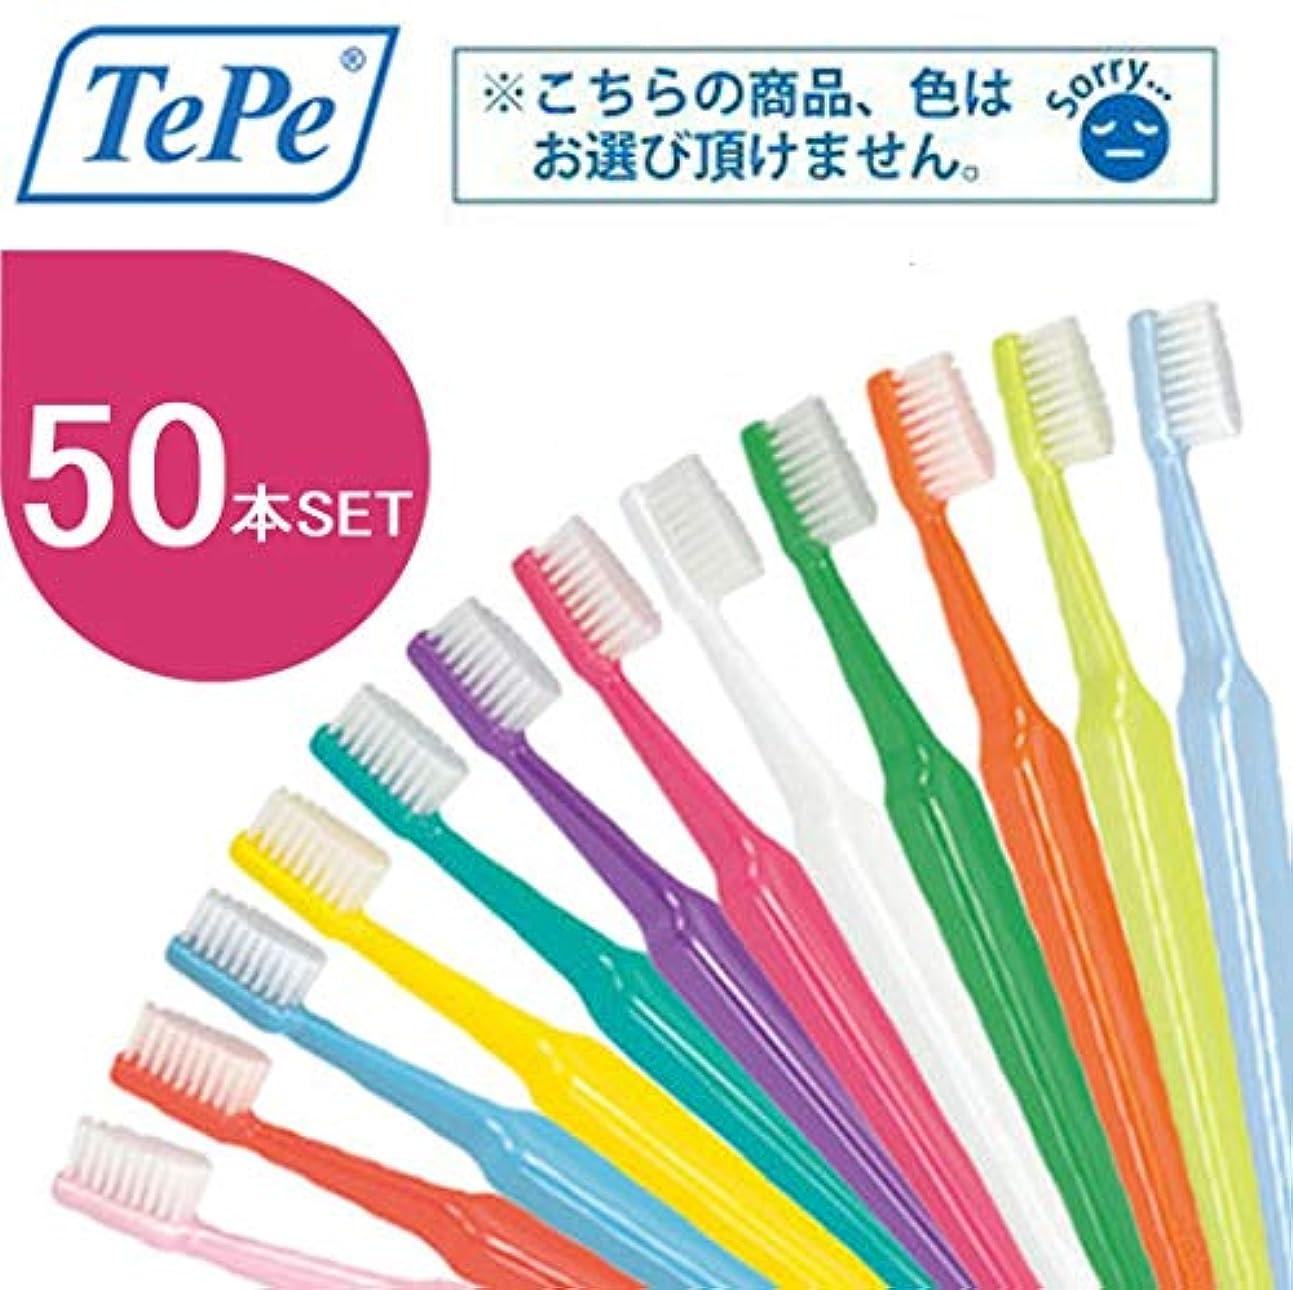 隔離緊張するミッションクロスフィールド TePe テペ セレクト 歯ブラシ 50本 (ミディアム)